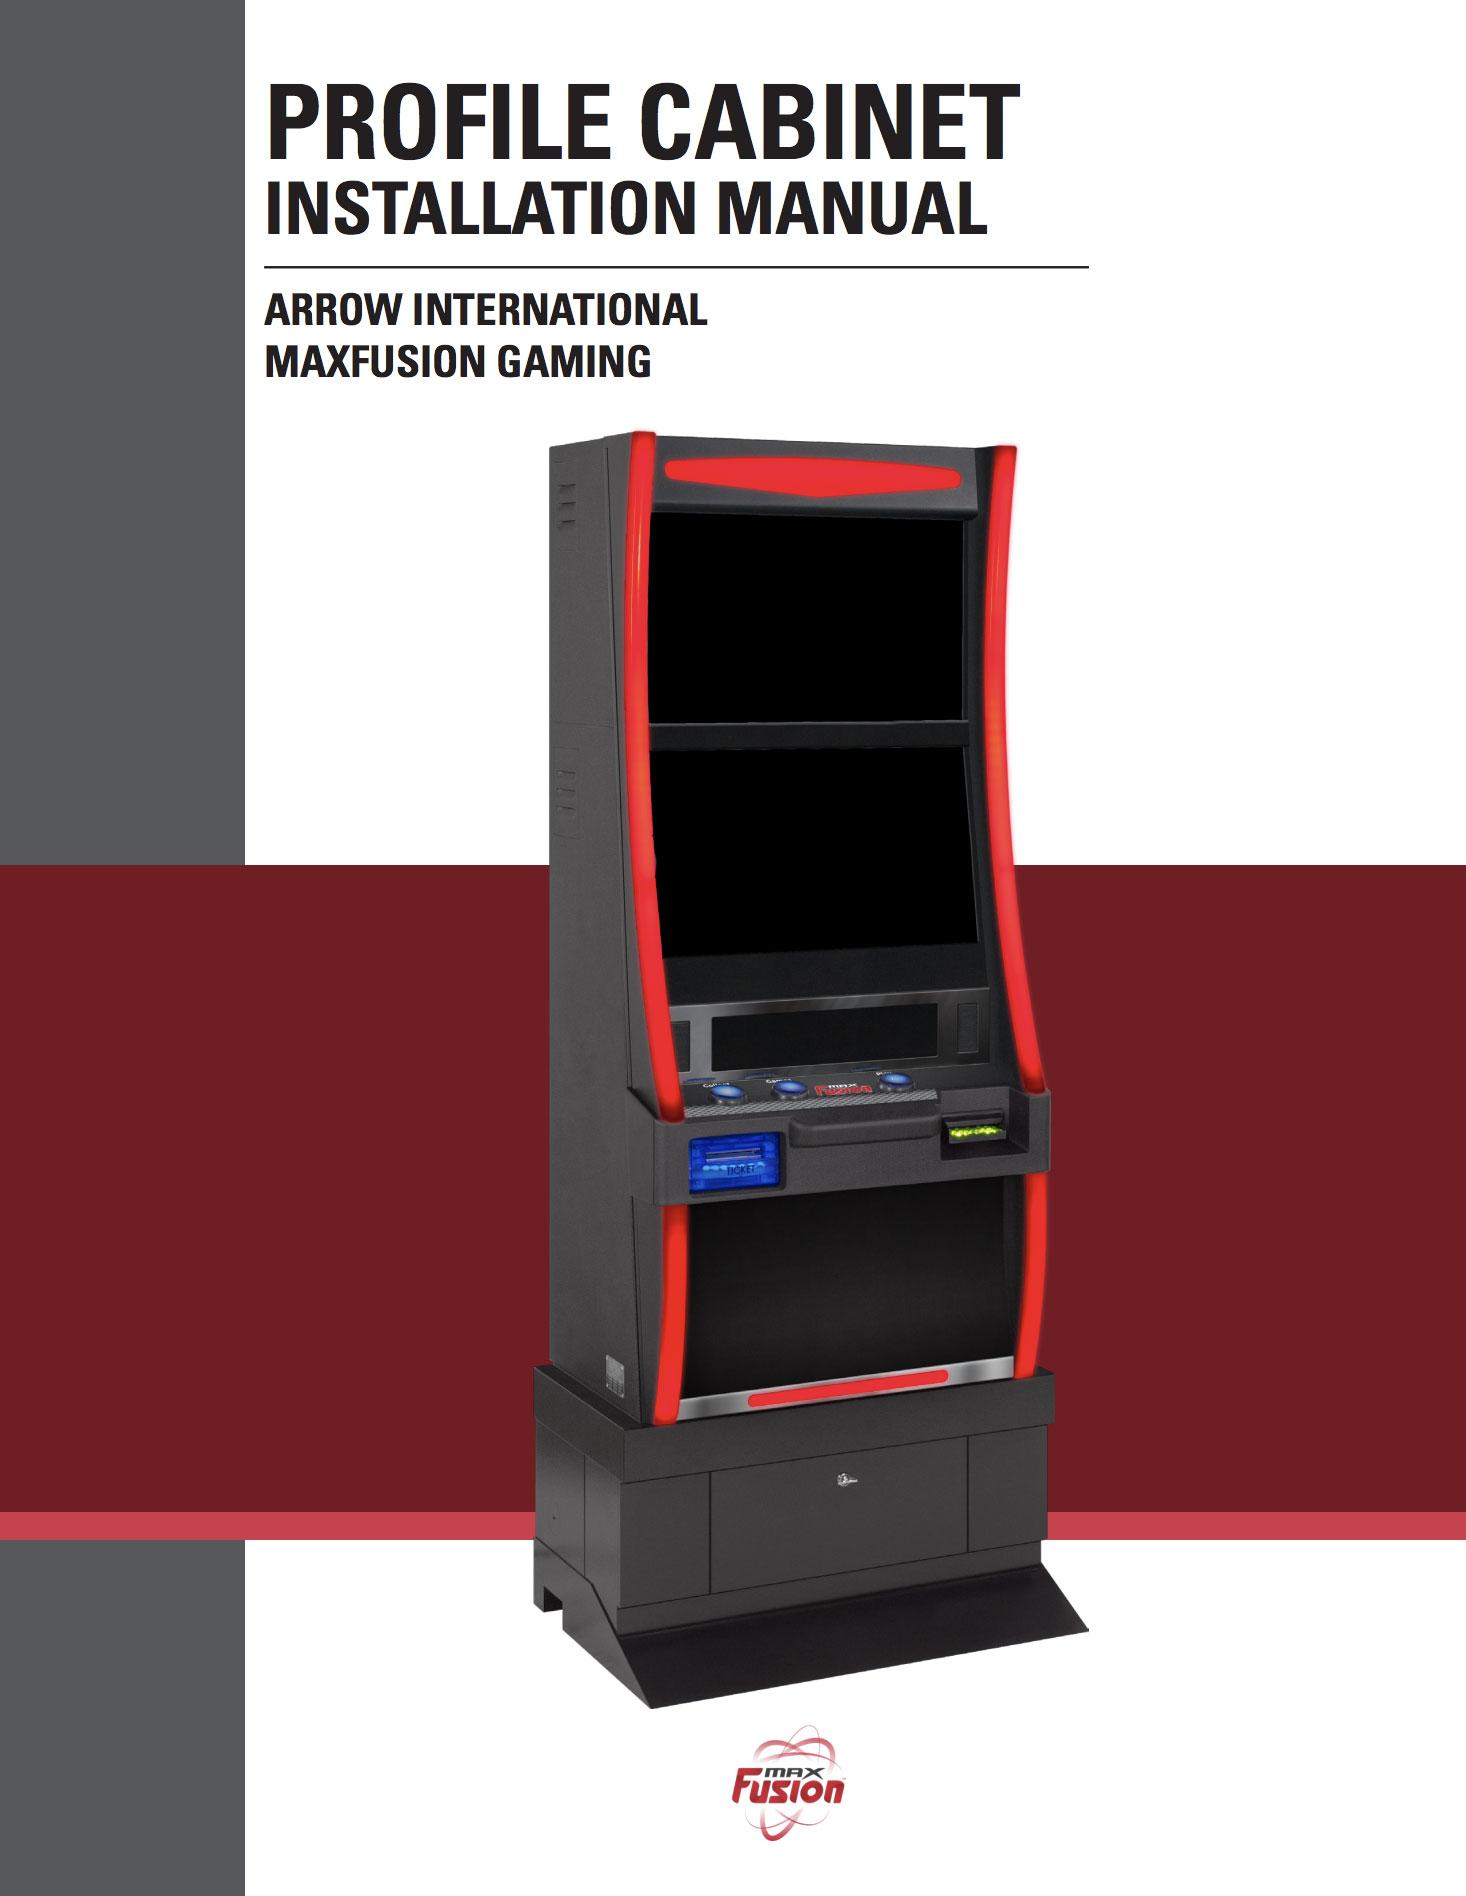 MaxFusion Profile Cabinet Manual Equipment Manuals